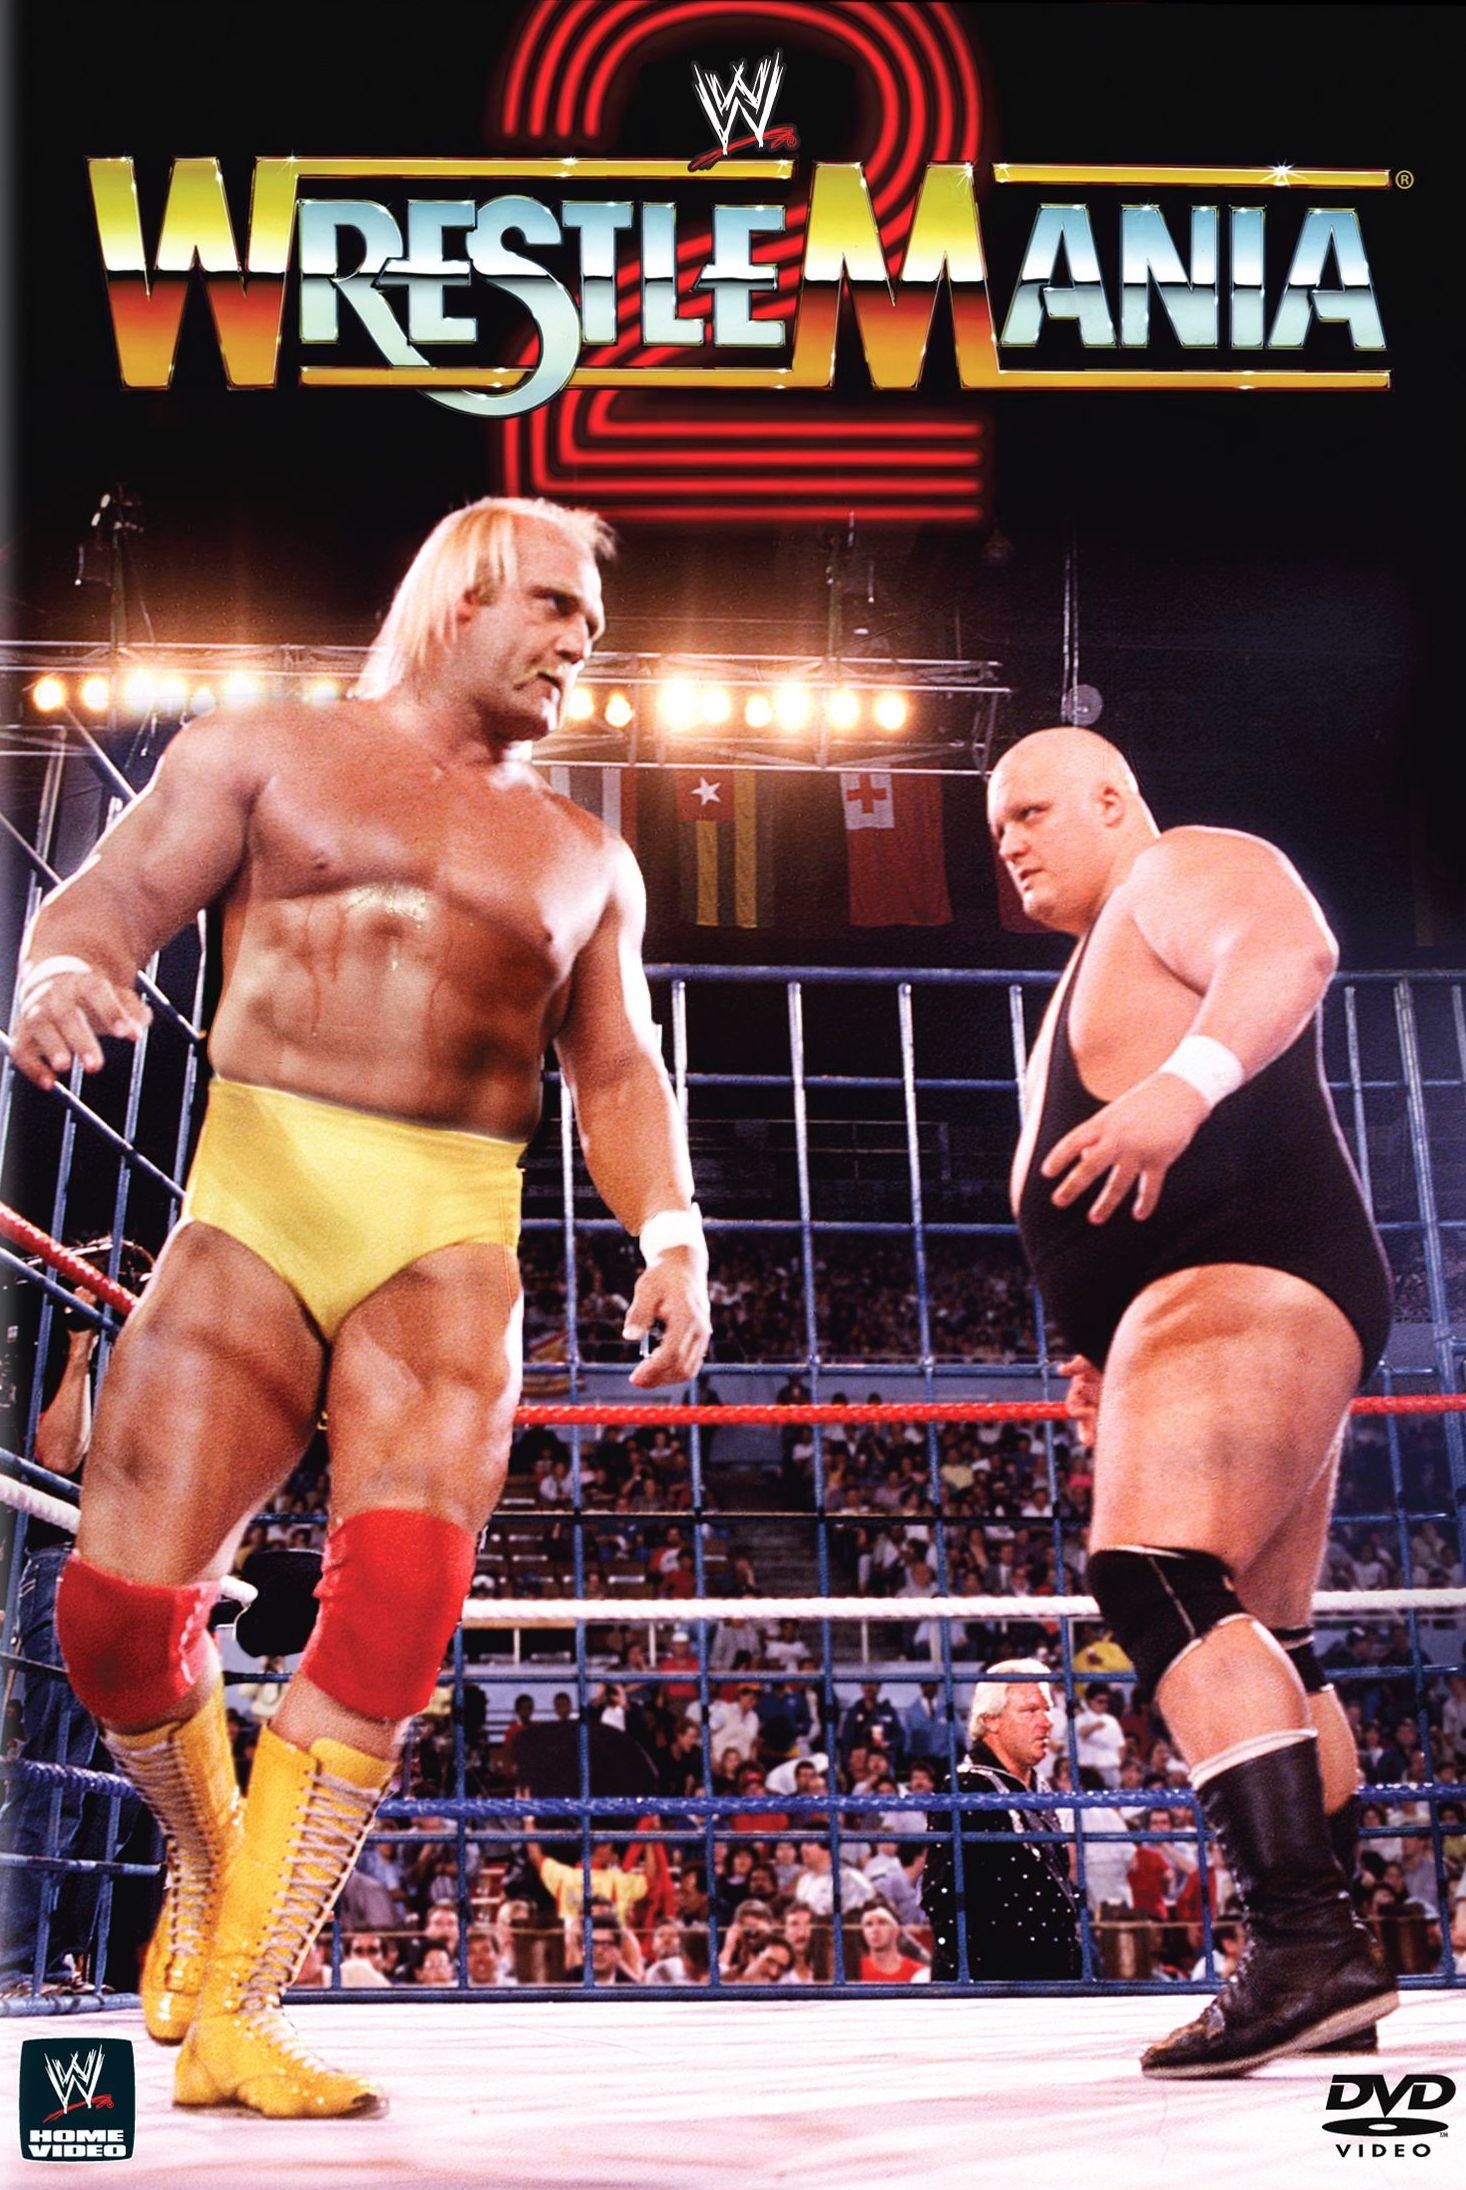 WWE: Wrestlemania II